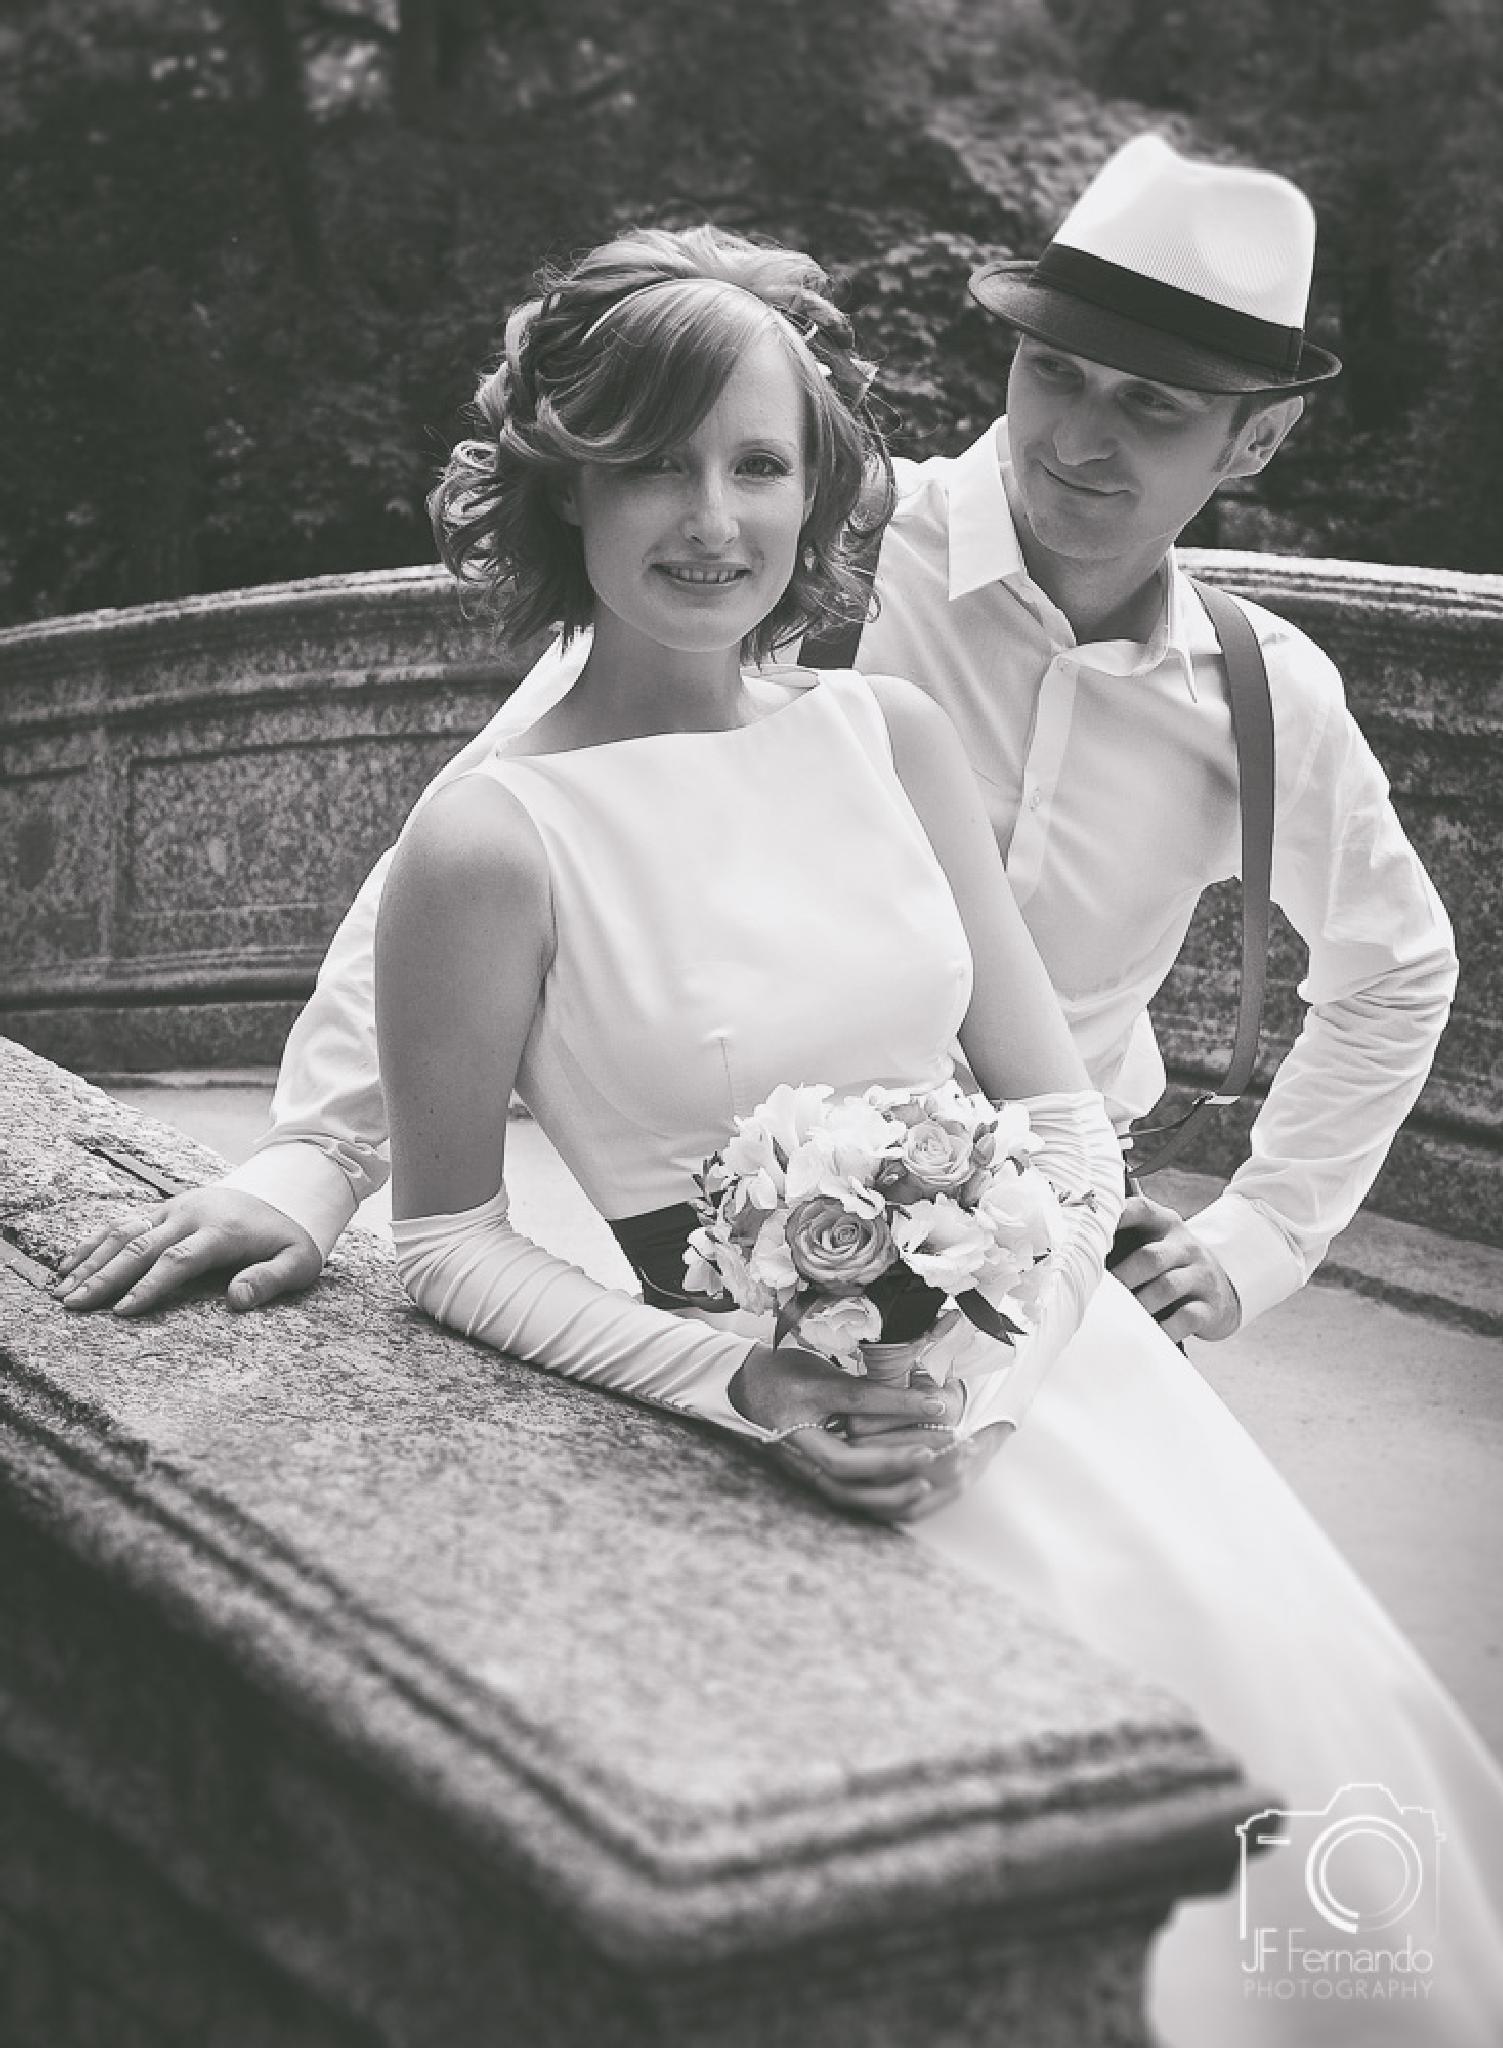 wedding by  JF Fernando